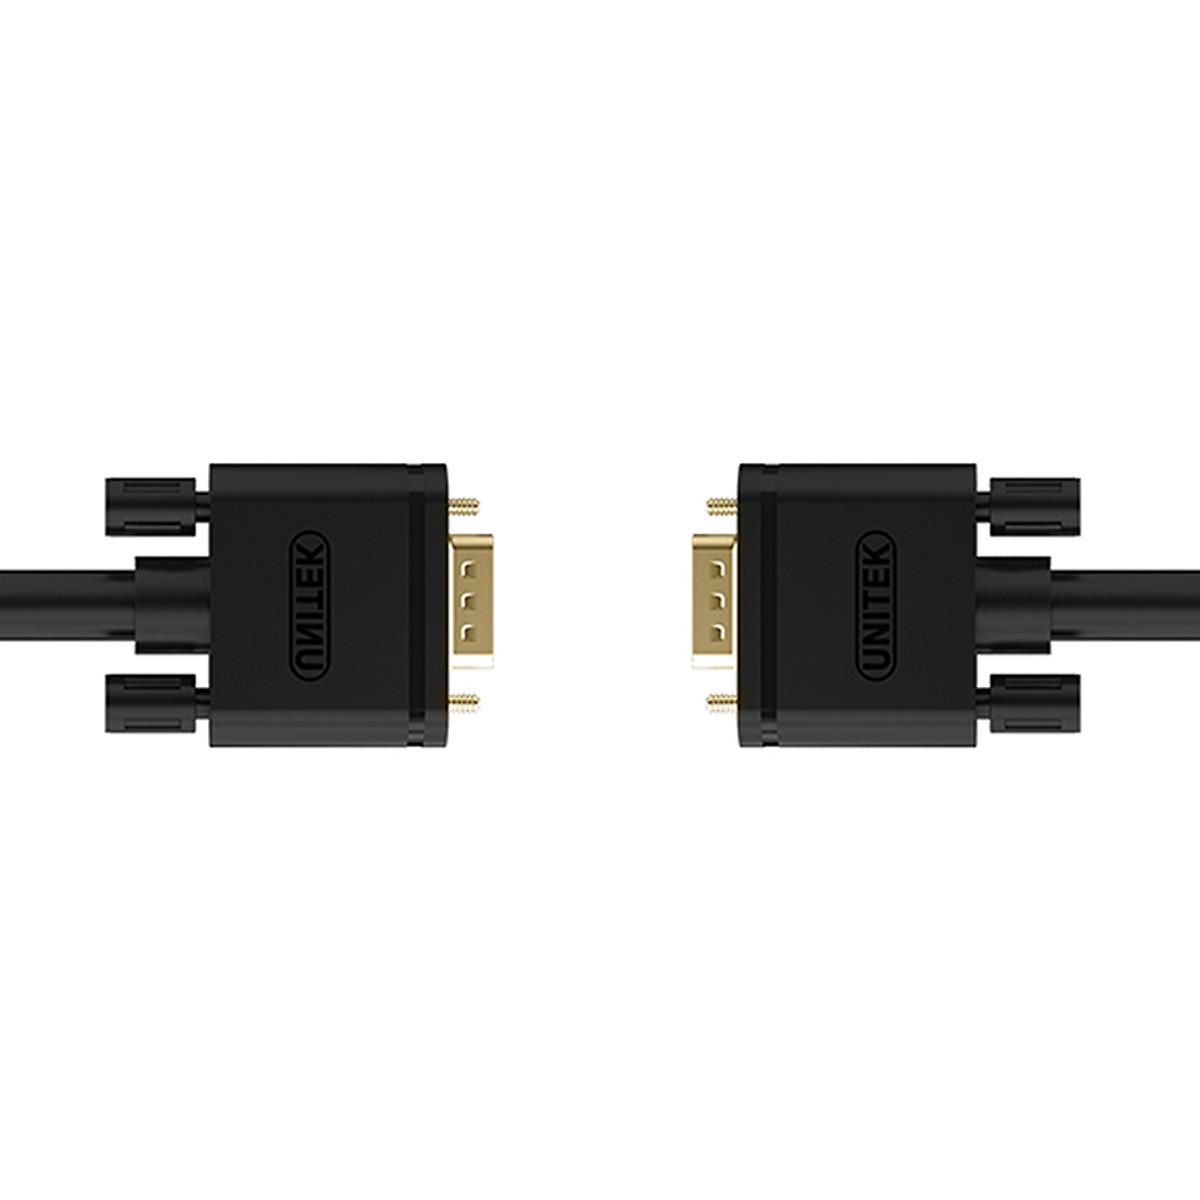 Cáp VGA 1.5m Unitek Y-C503A - Hàng Chính hãng